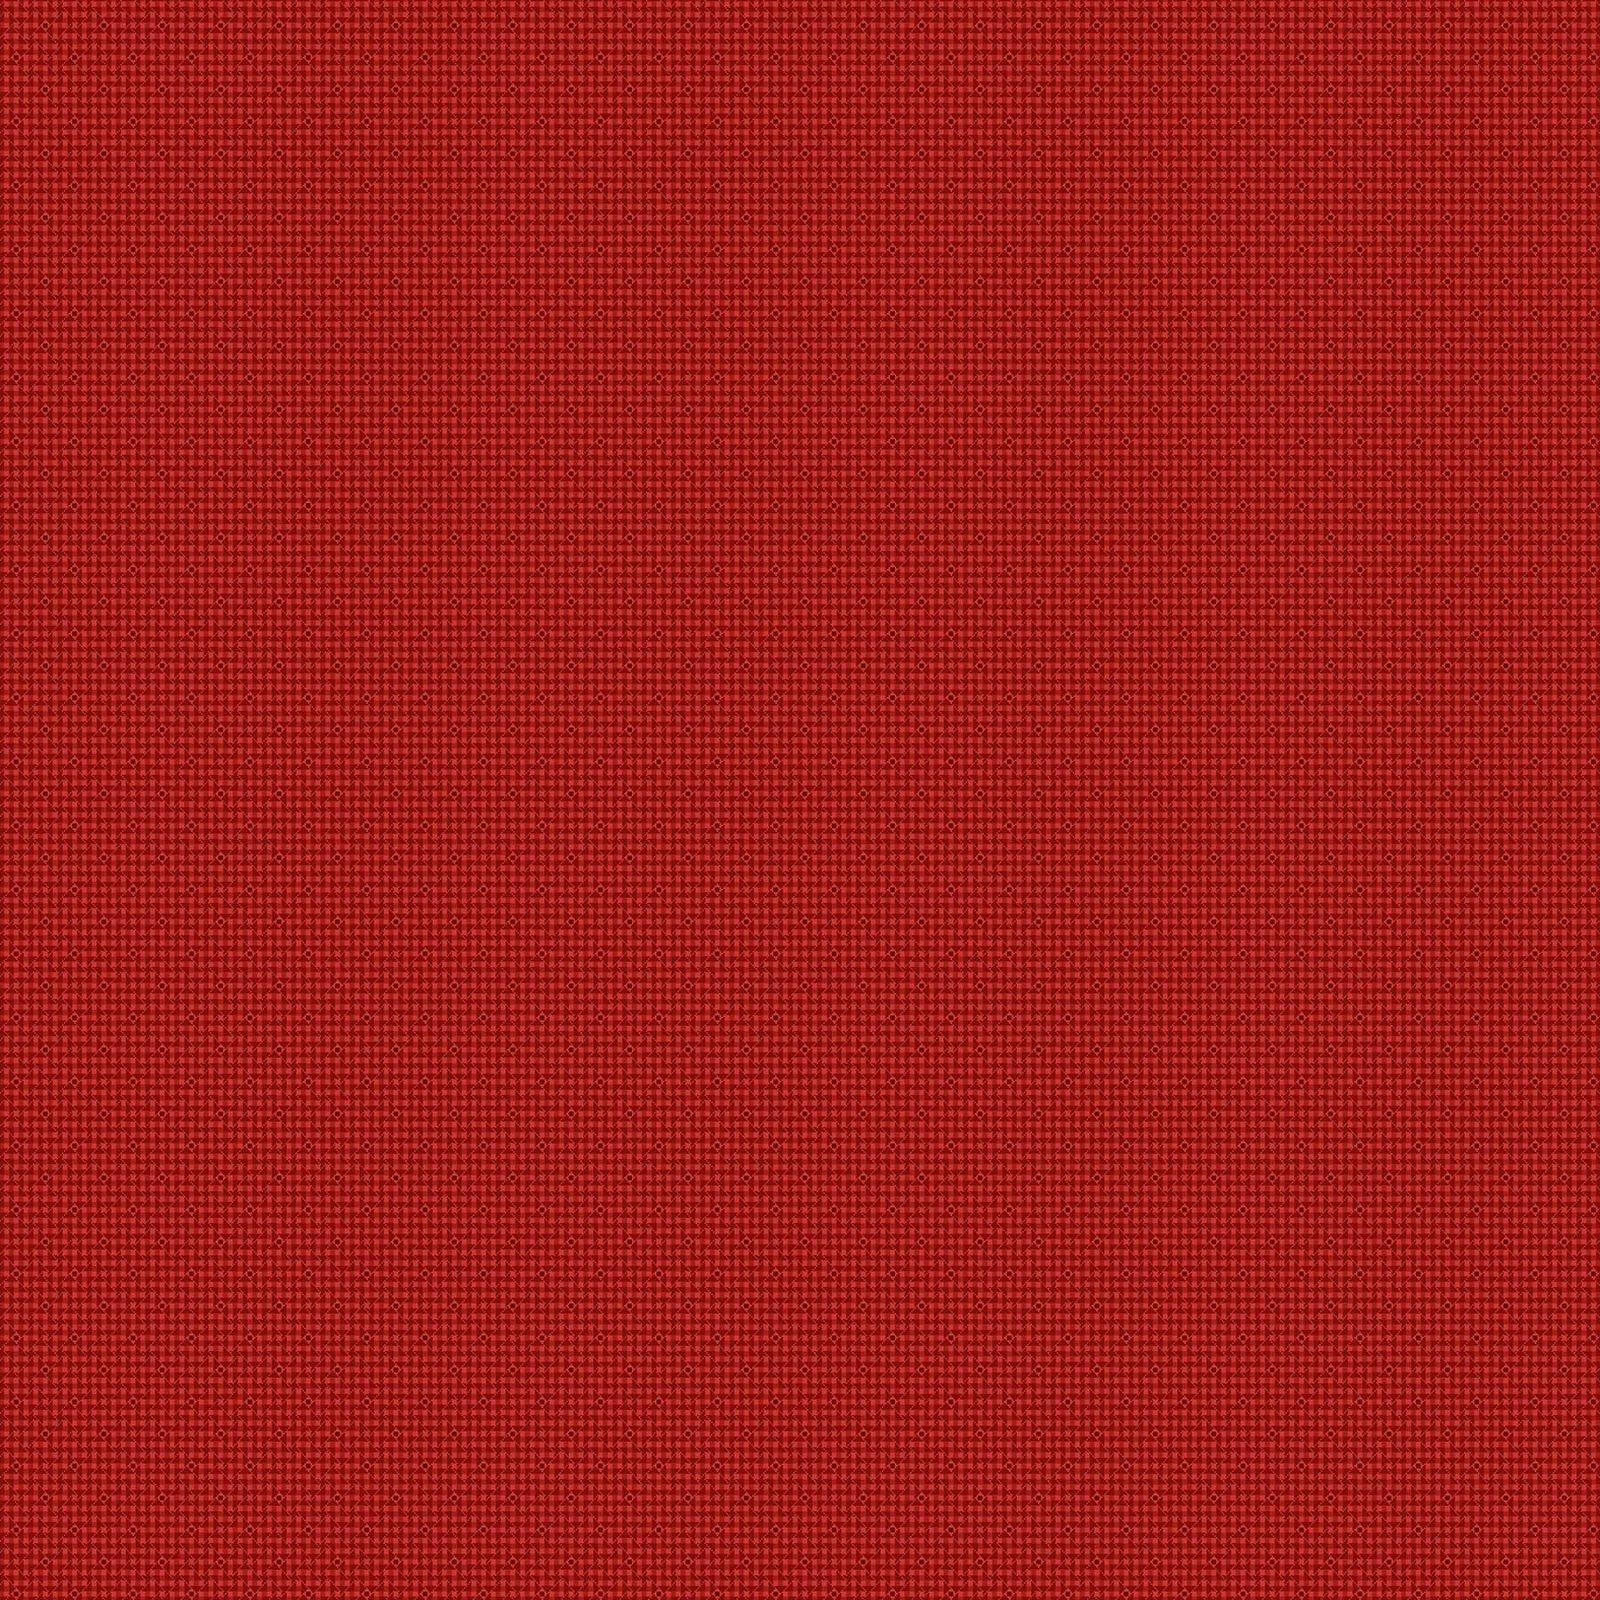 BRIARWOOD RED